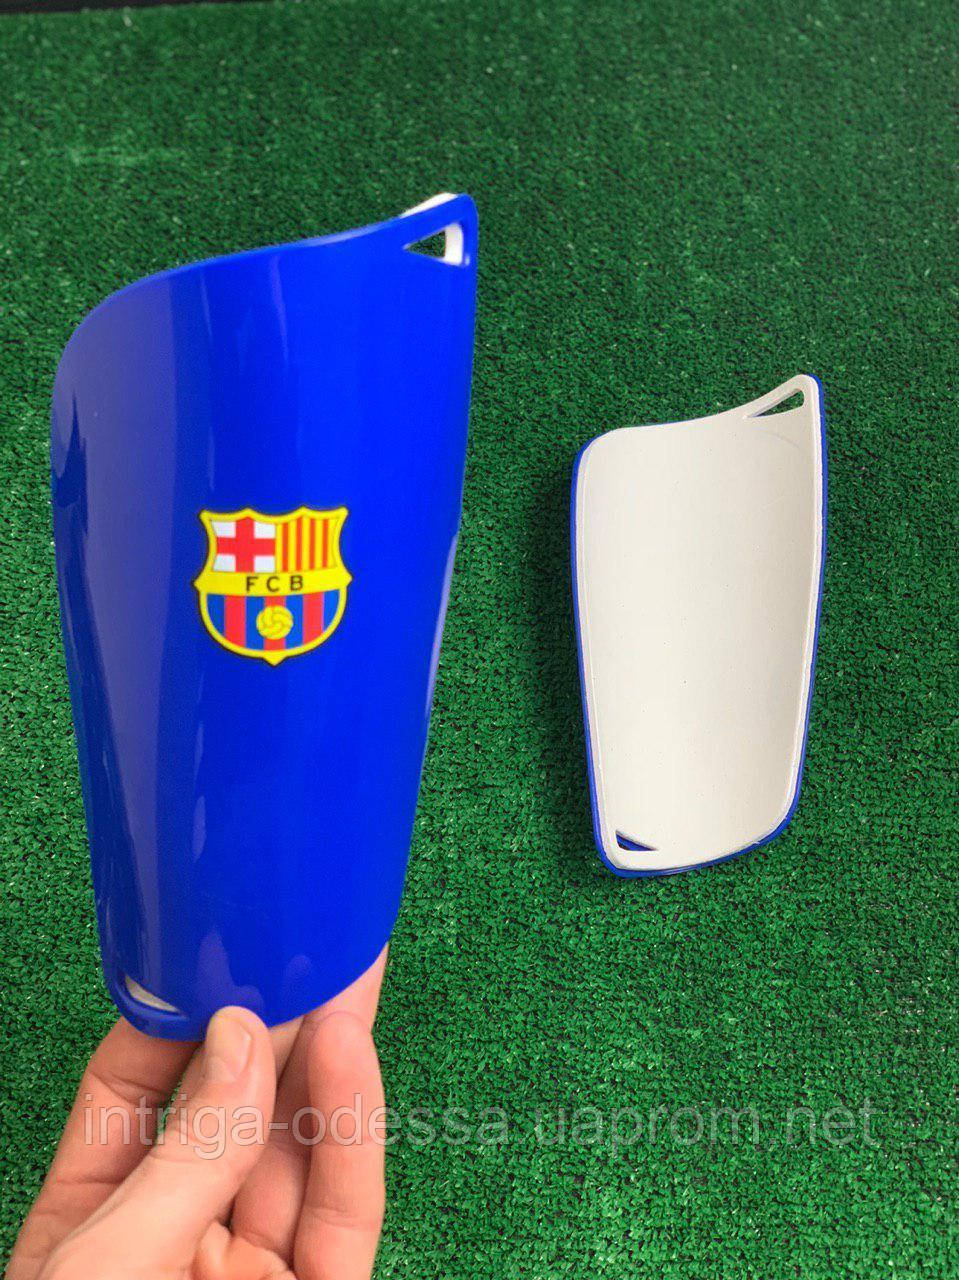 Щитки для футбола  Барселона  синие 1088